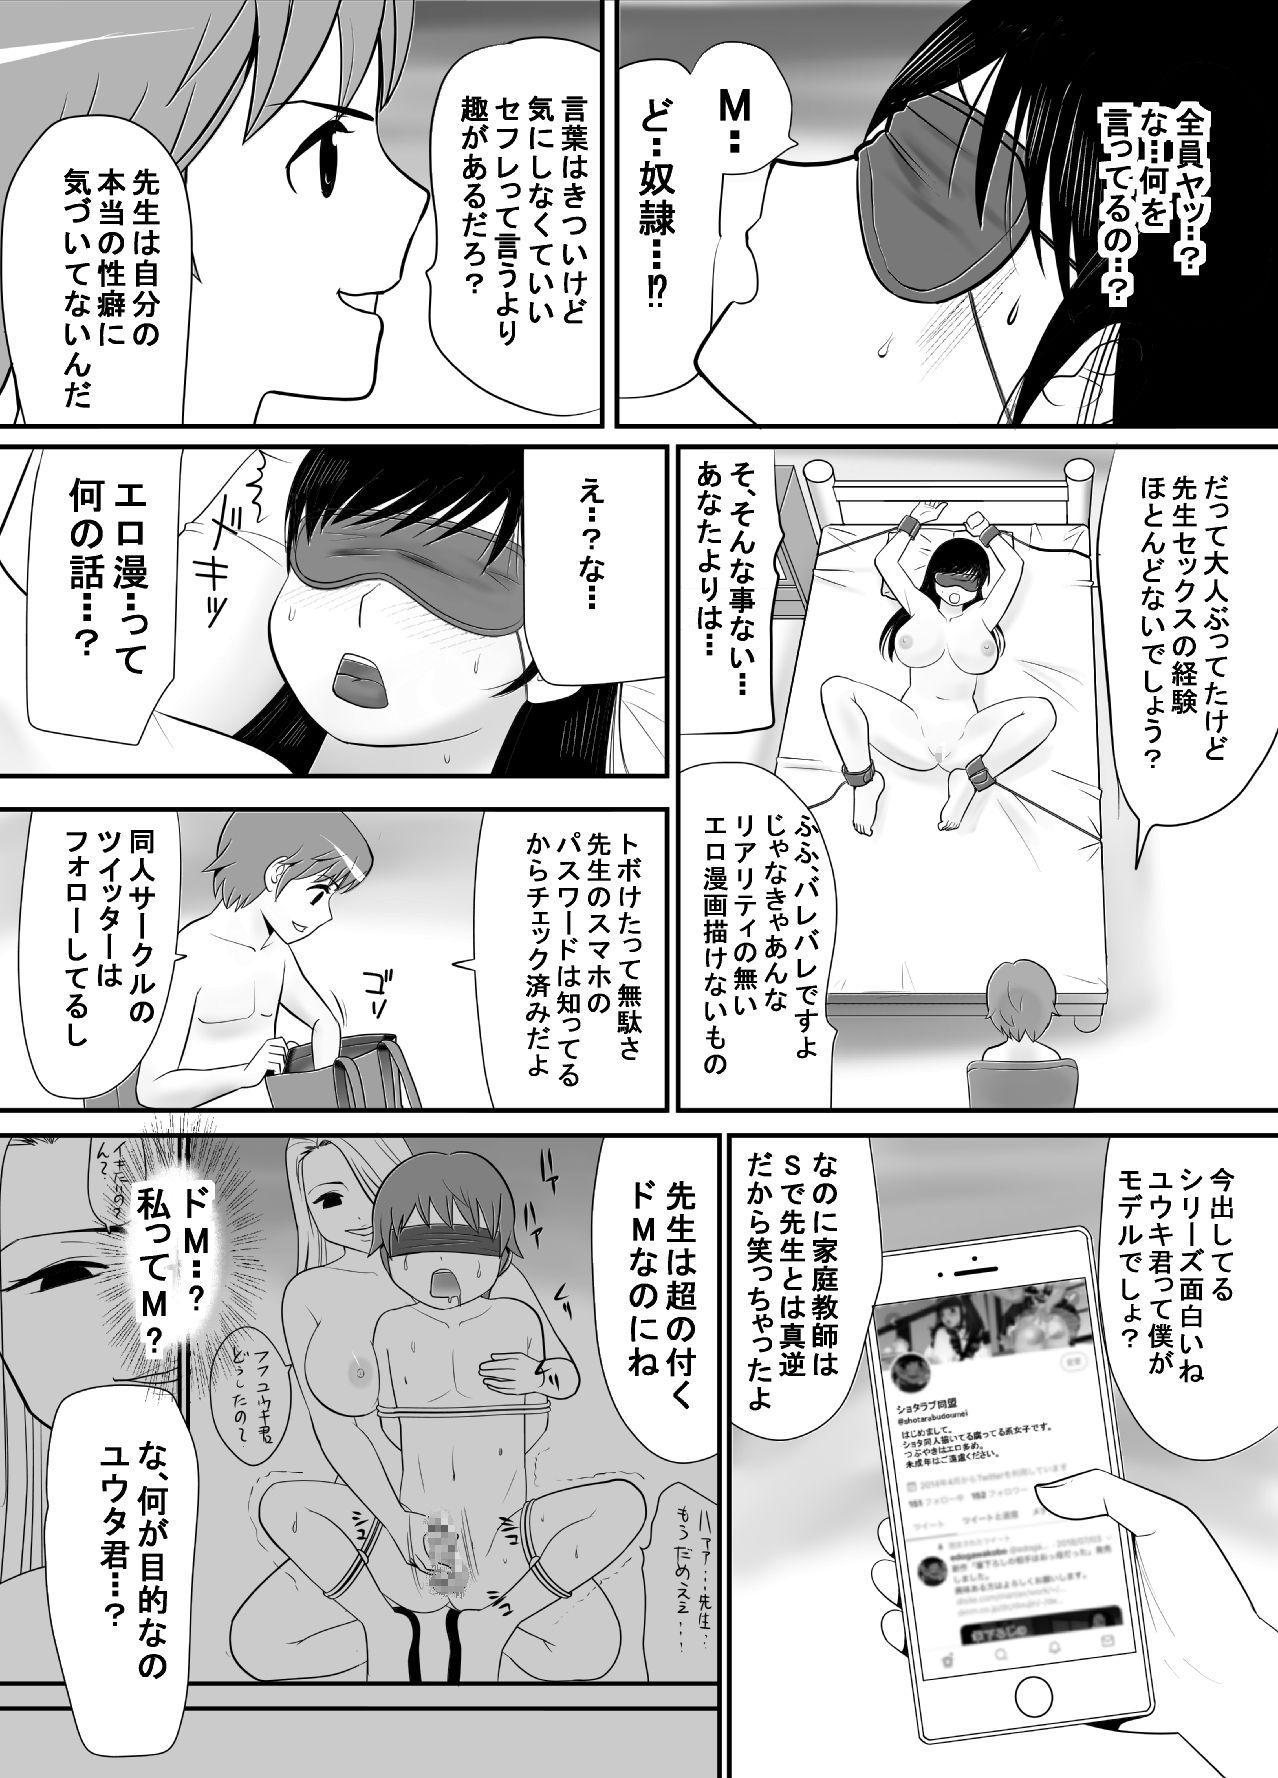 Keiken wa Nai kedo Chishiki dake Houfu na Mousou Fujoshi ga Gachi Kairaku ni Ochiru made 35